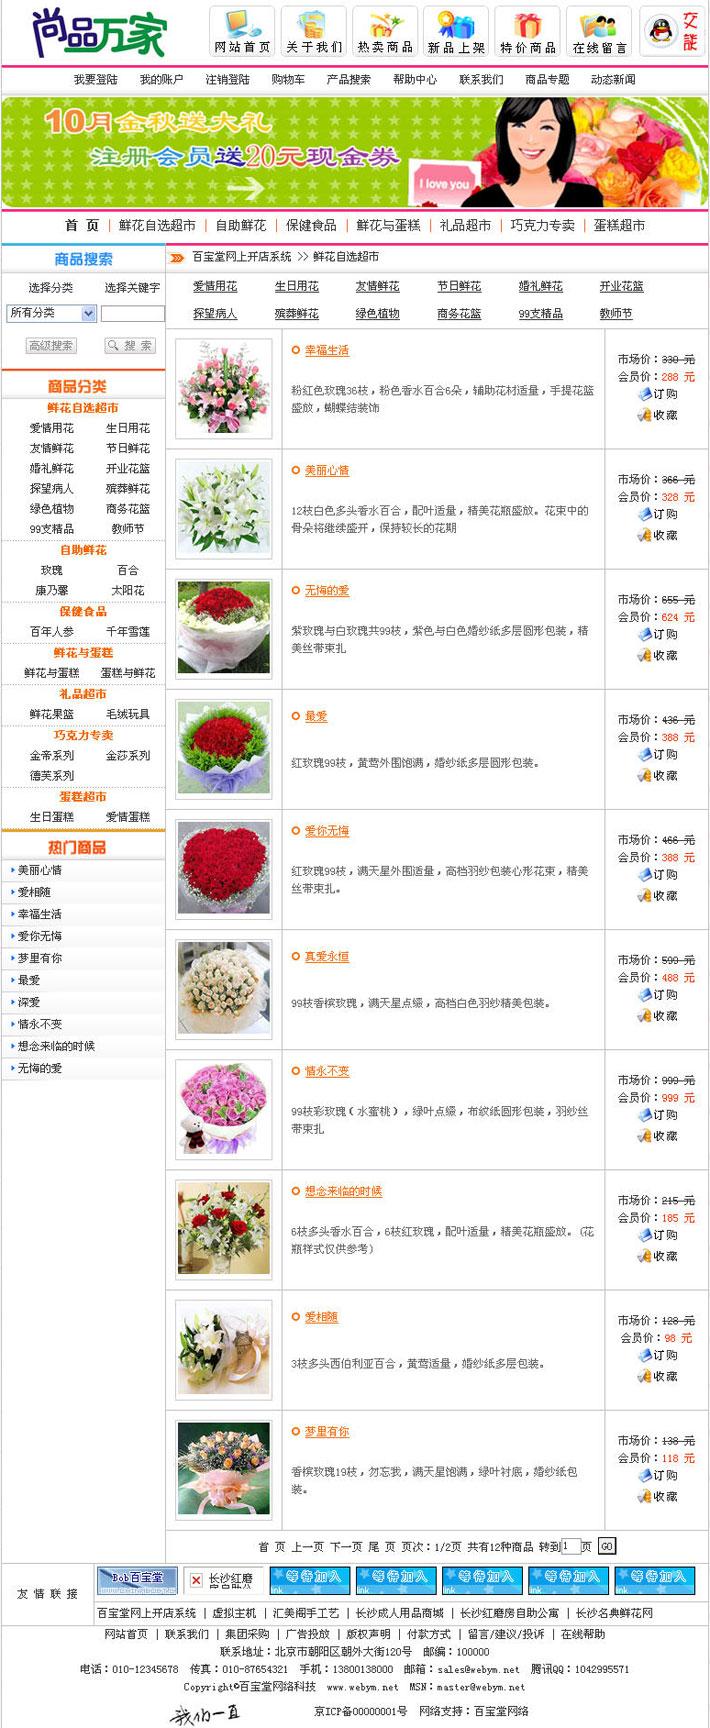 鲜花介绍列表大图